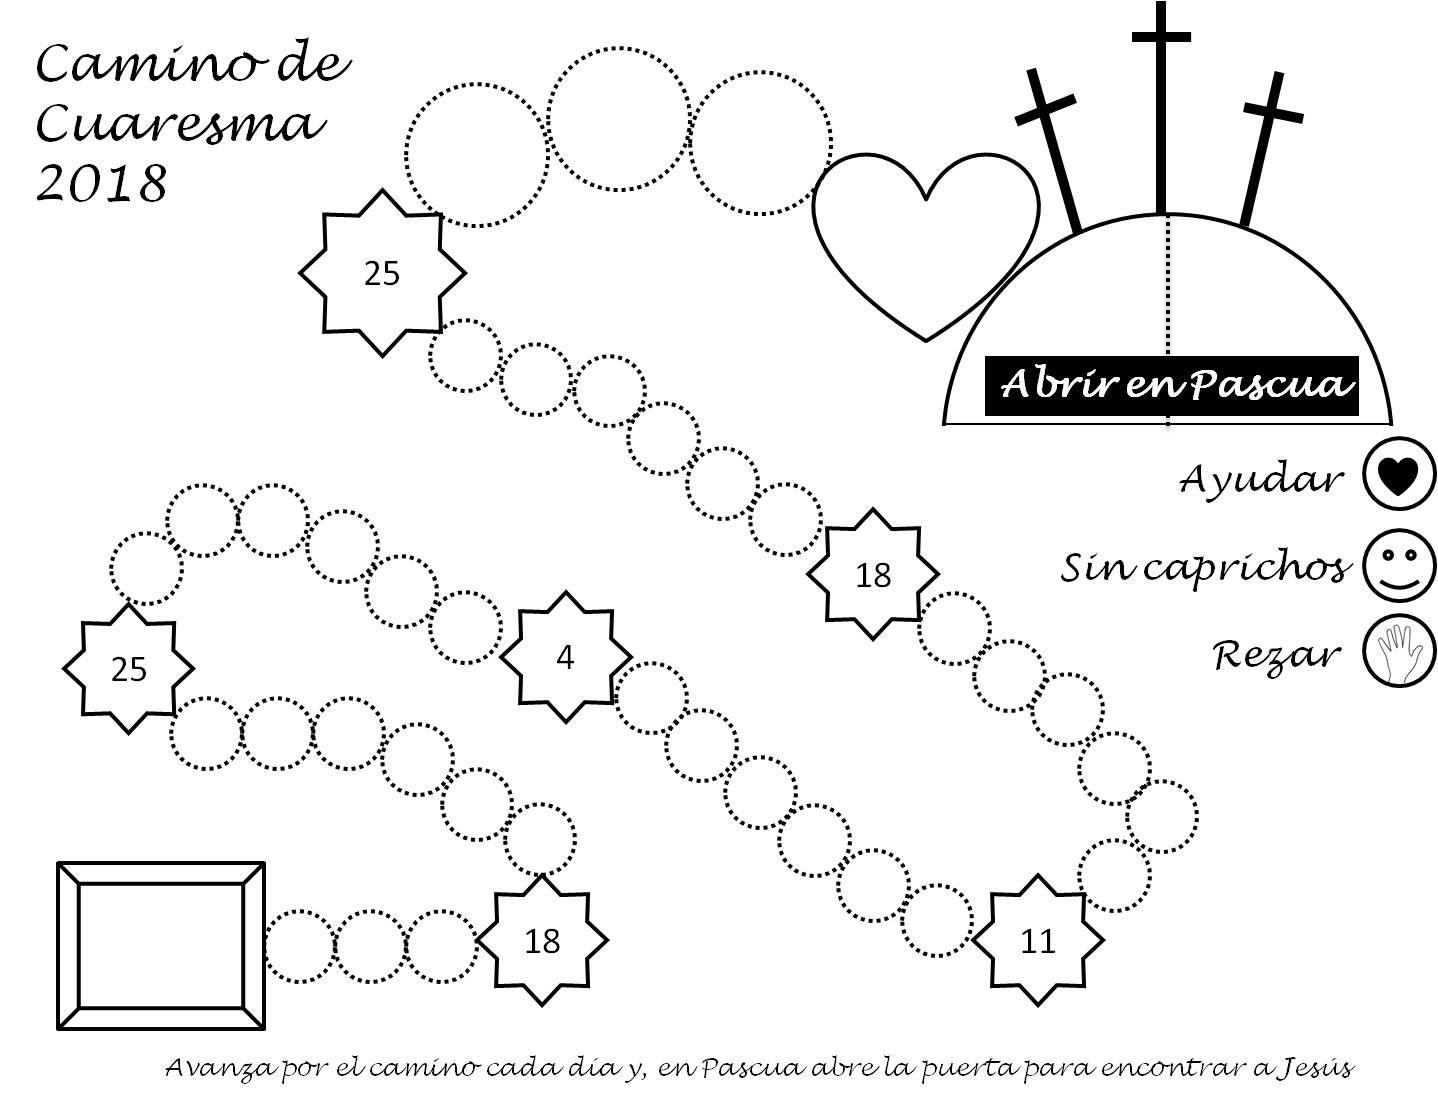 Camino de Cuaresma 2018 para infantil y primaria. Cada día se avanza ...